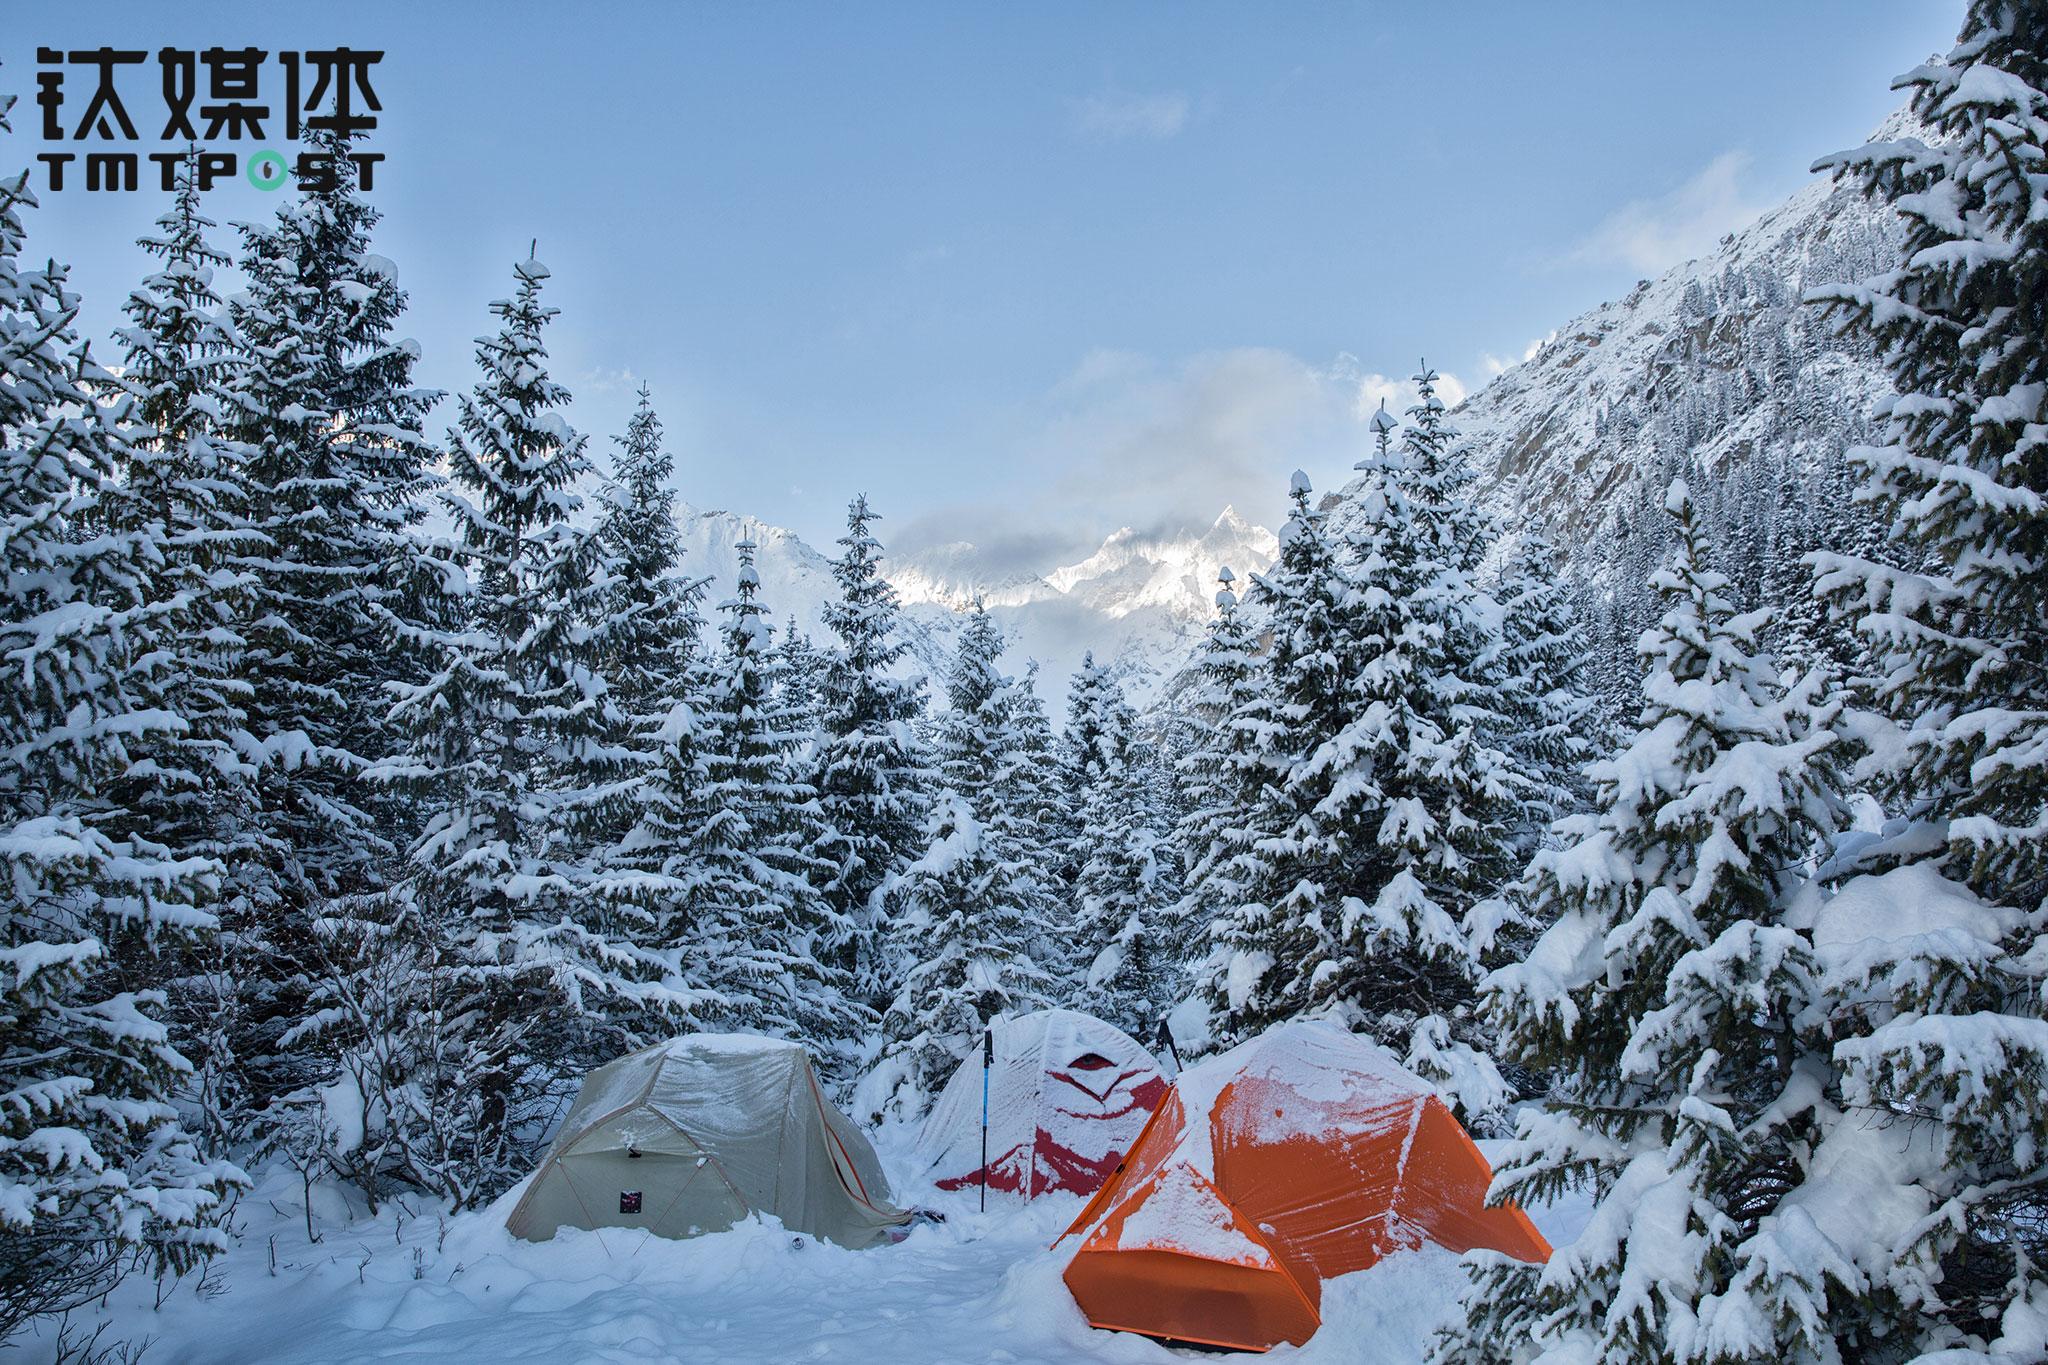 5月2日早上,雪停了下来,走出帐篷,看到阳光照耀在远处的雪山,仿佛置身童话世界。在冰天雪地的世界看见阳光,总会让人为之振奋。